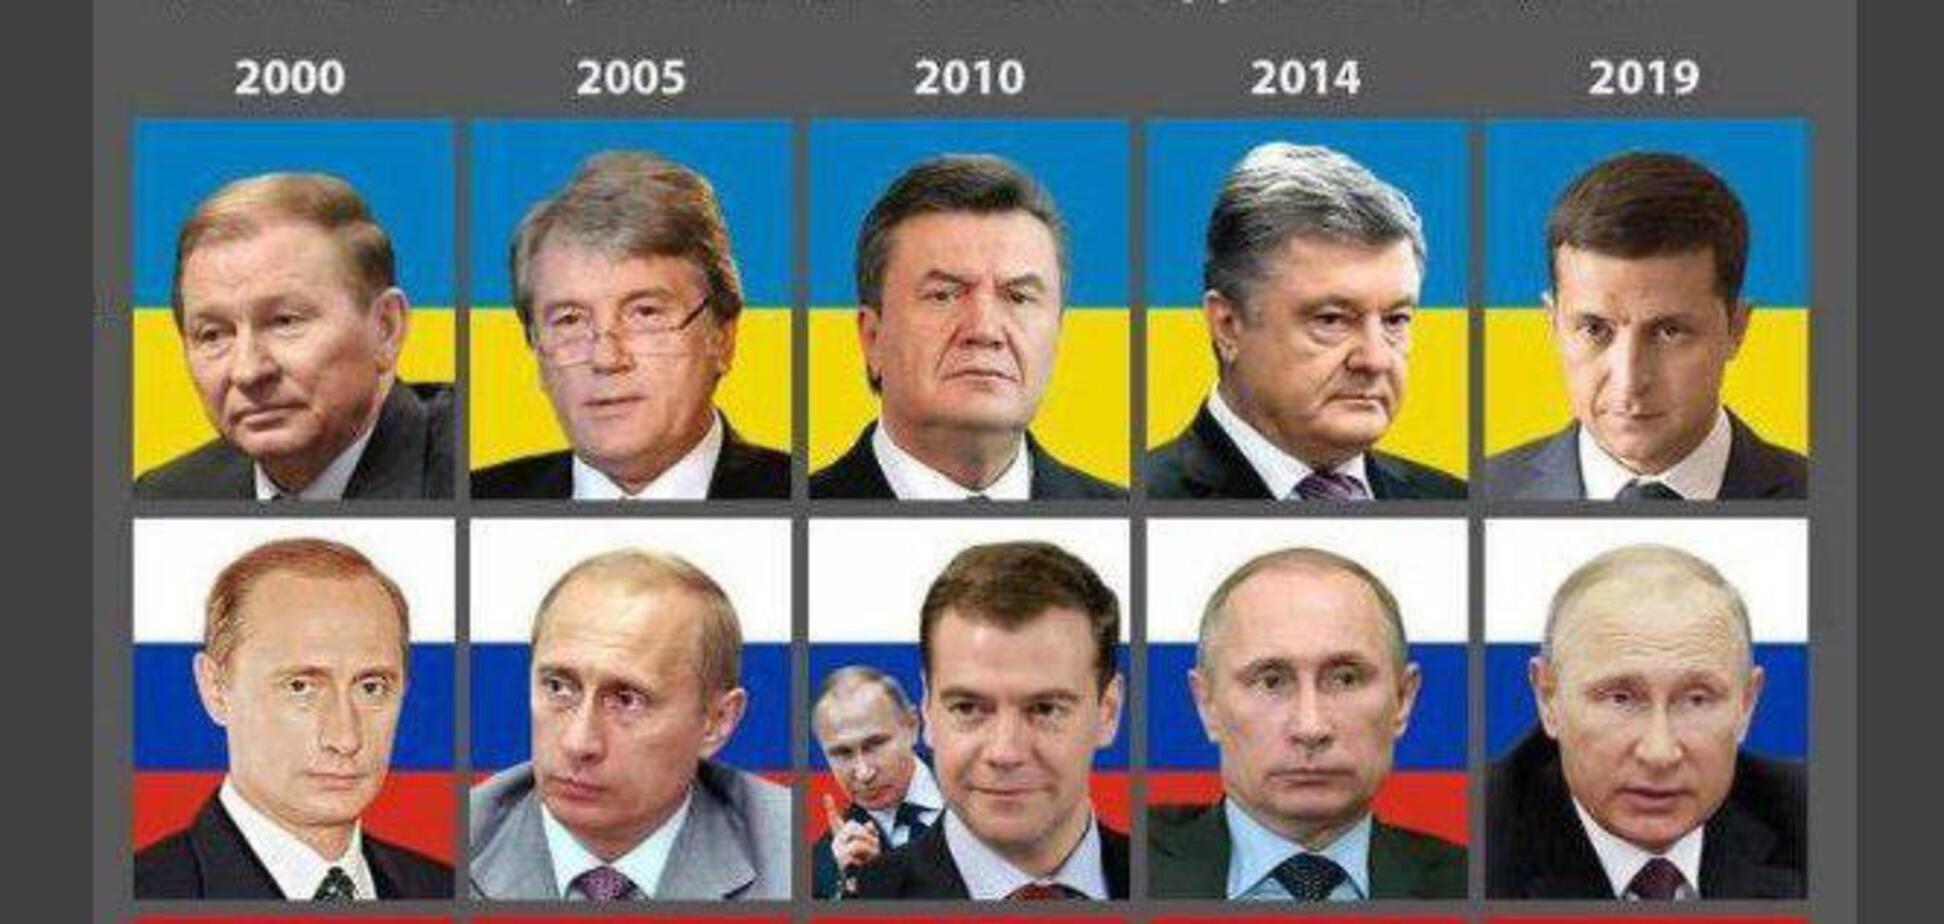 'Це провал!' Путін вперше прокоментував вибори президента в Україні